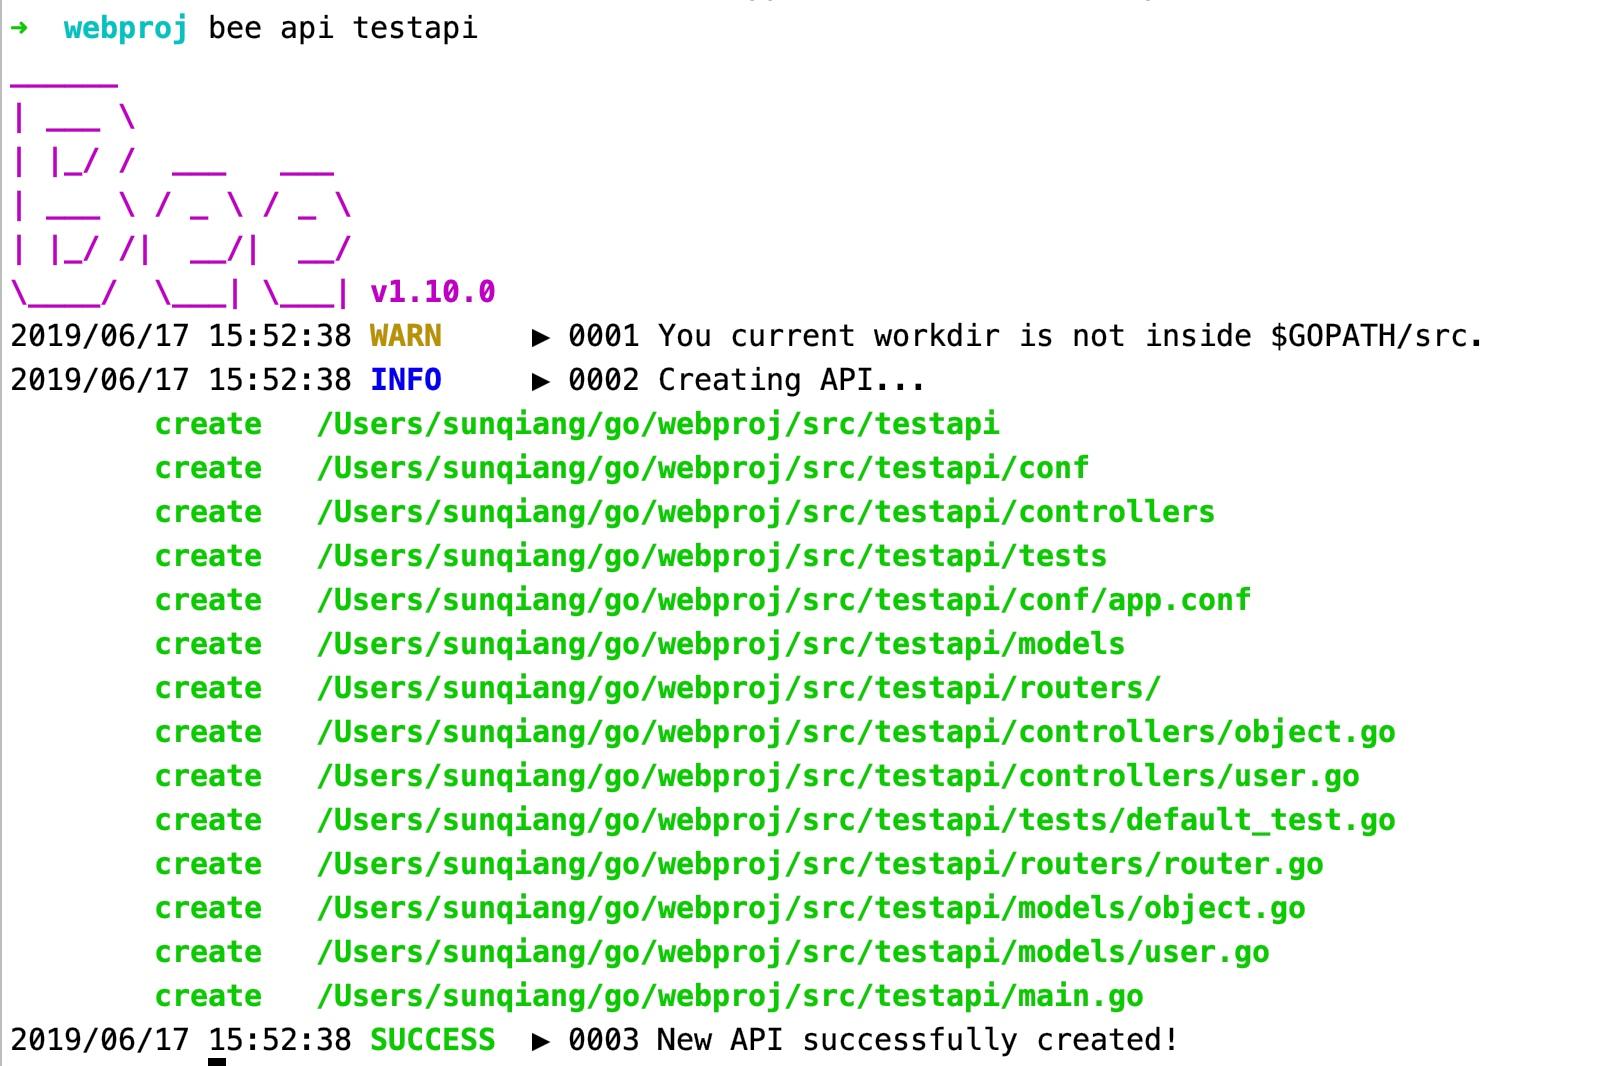 使用 Bee 创建 API 项目